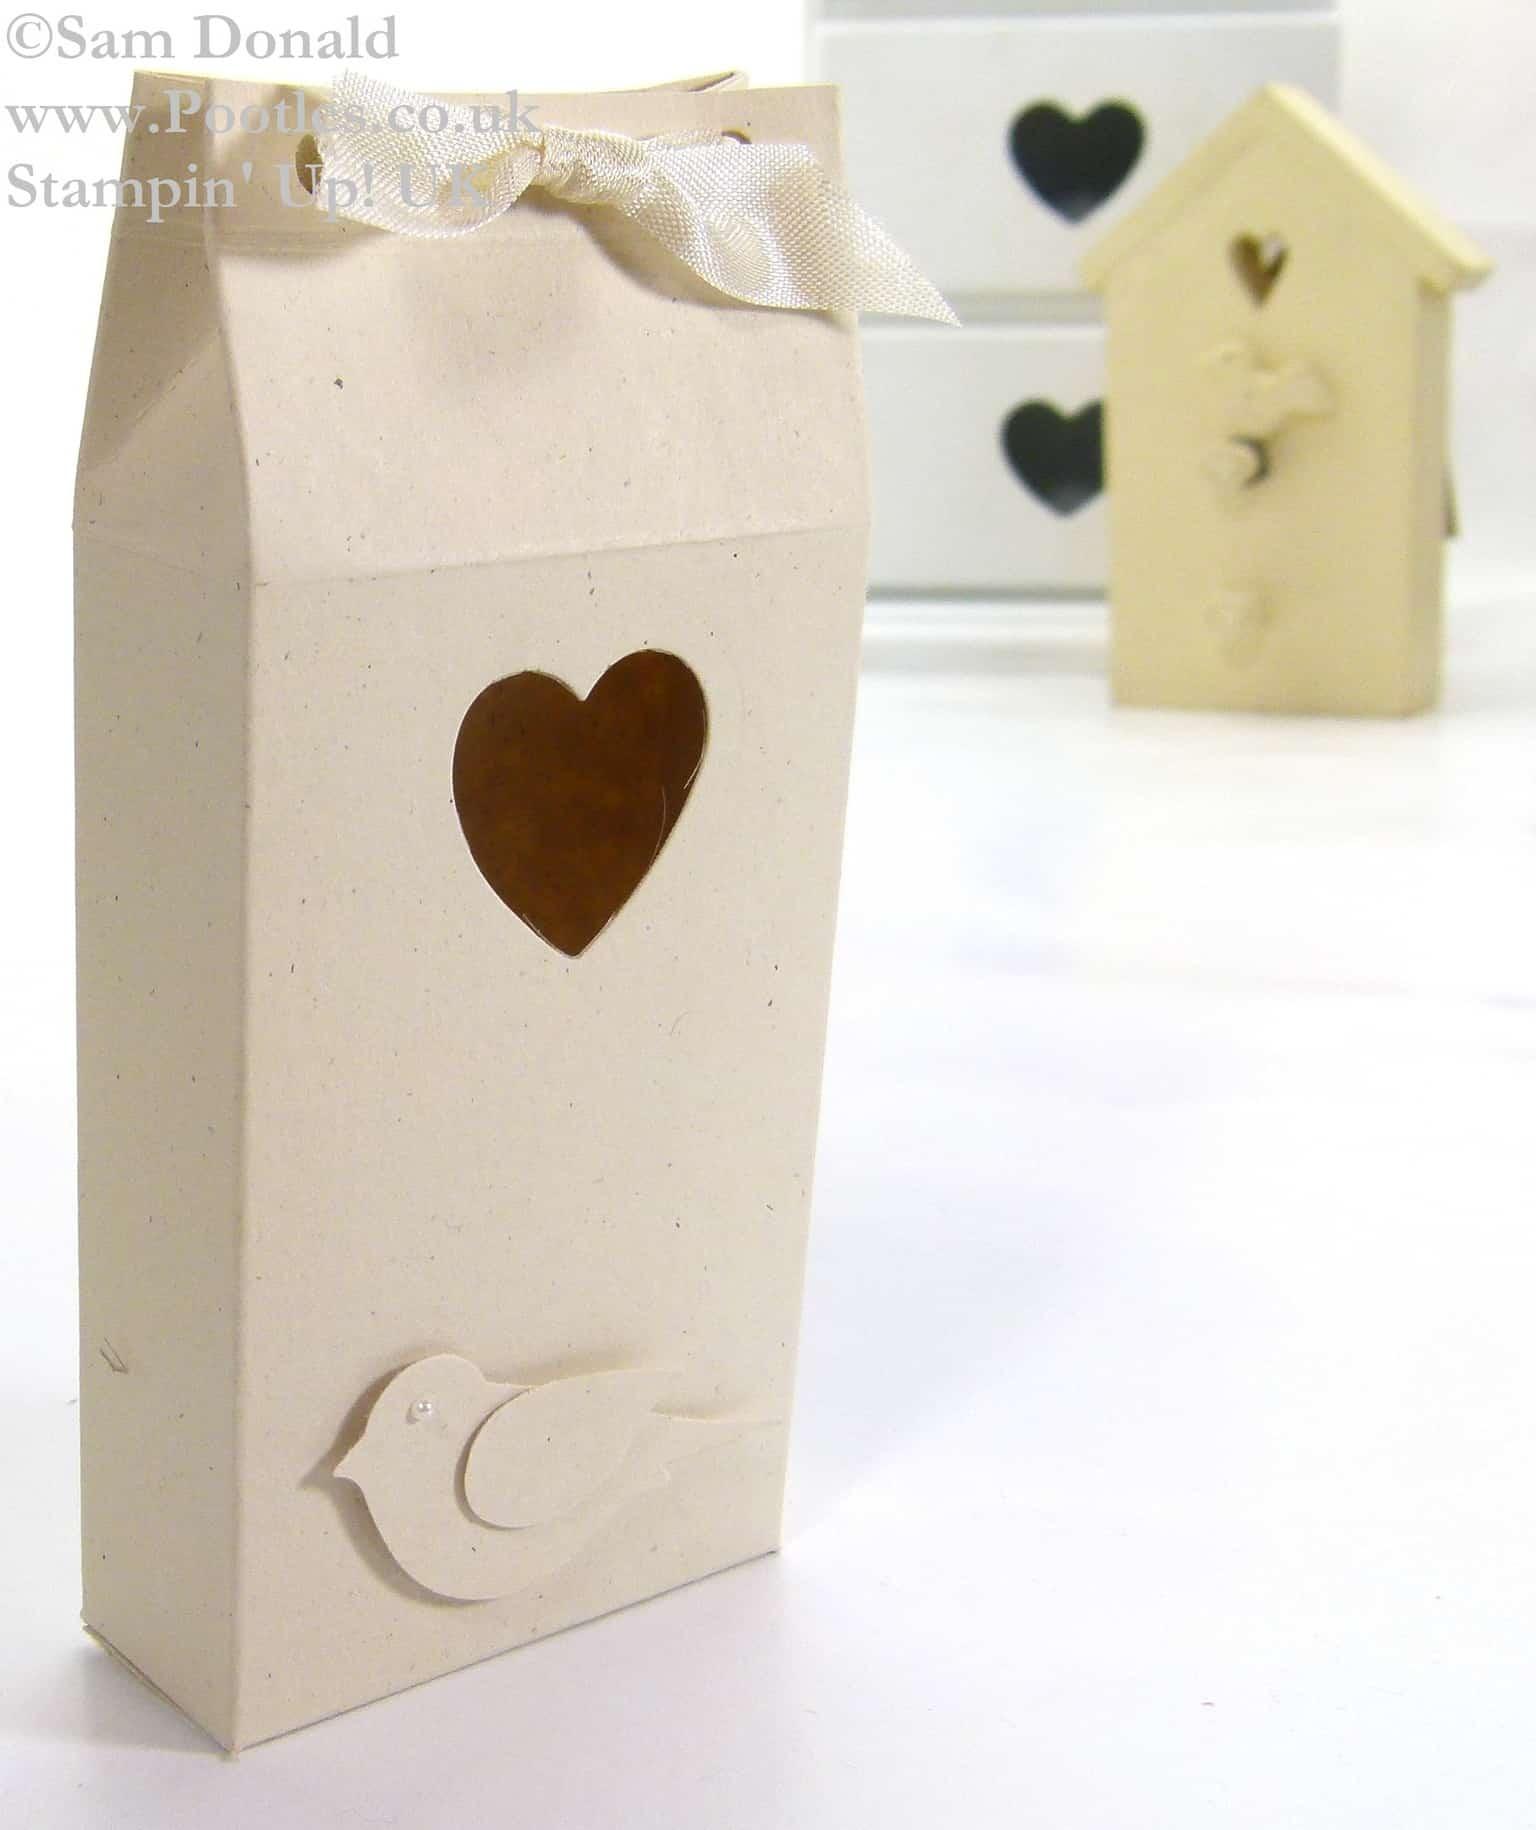 POOTLES Stampin Up UK Inspired Bird Gift Box Tutorial 2